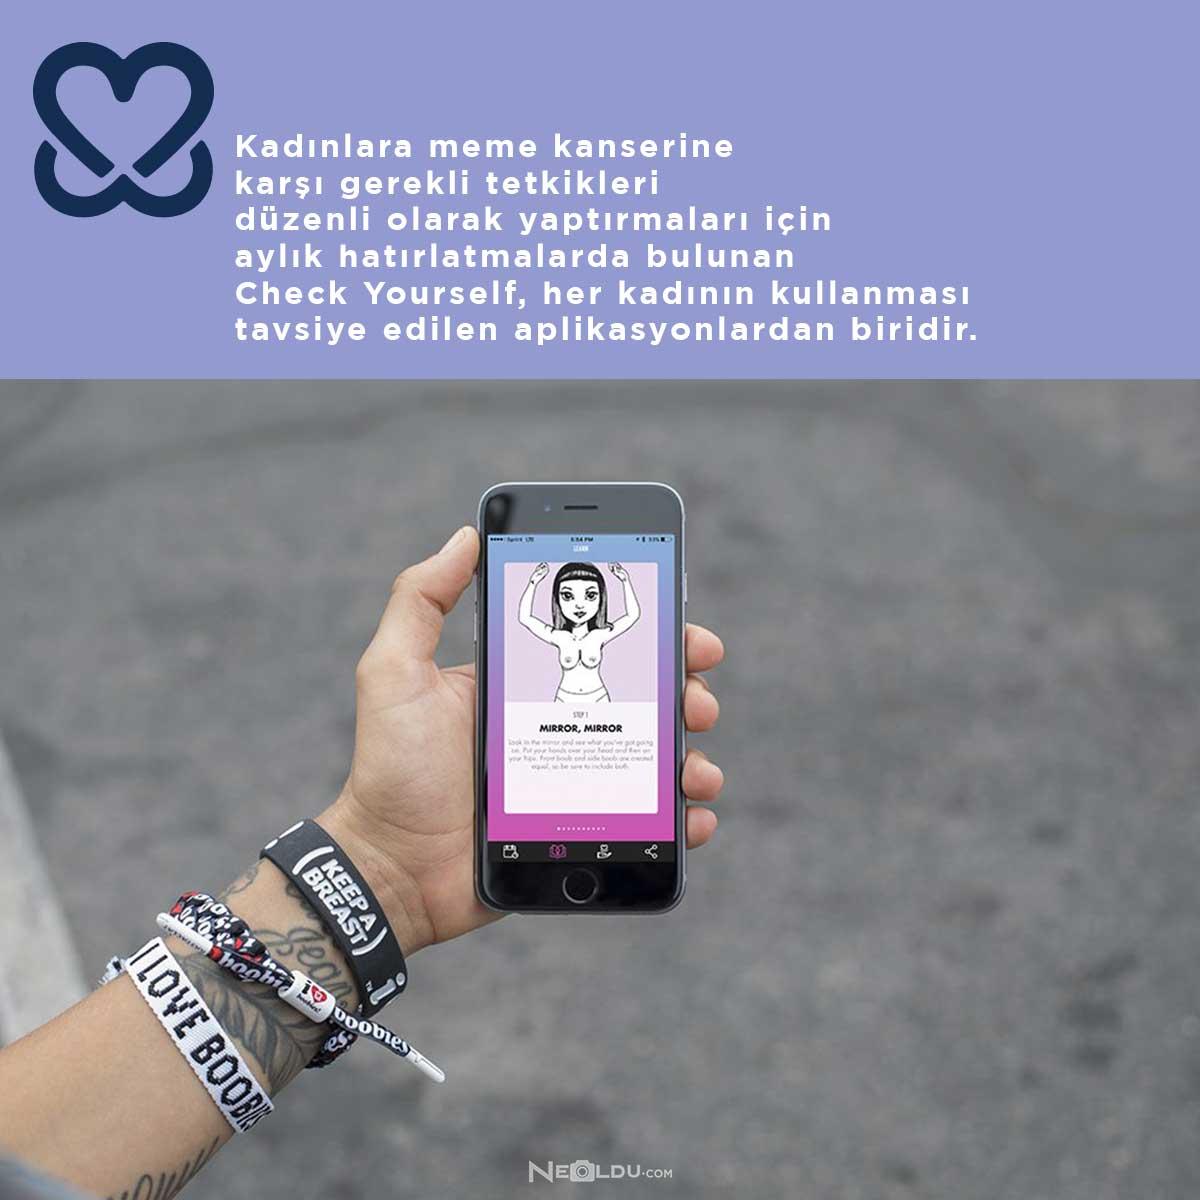 Kadınların Kullanması Gereken Telefon Uygulamaları